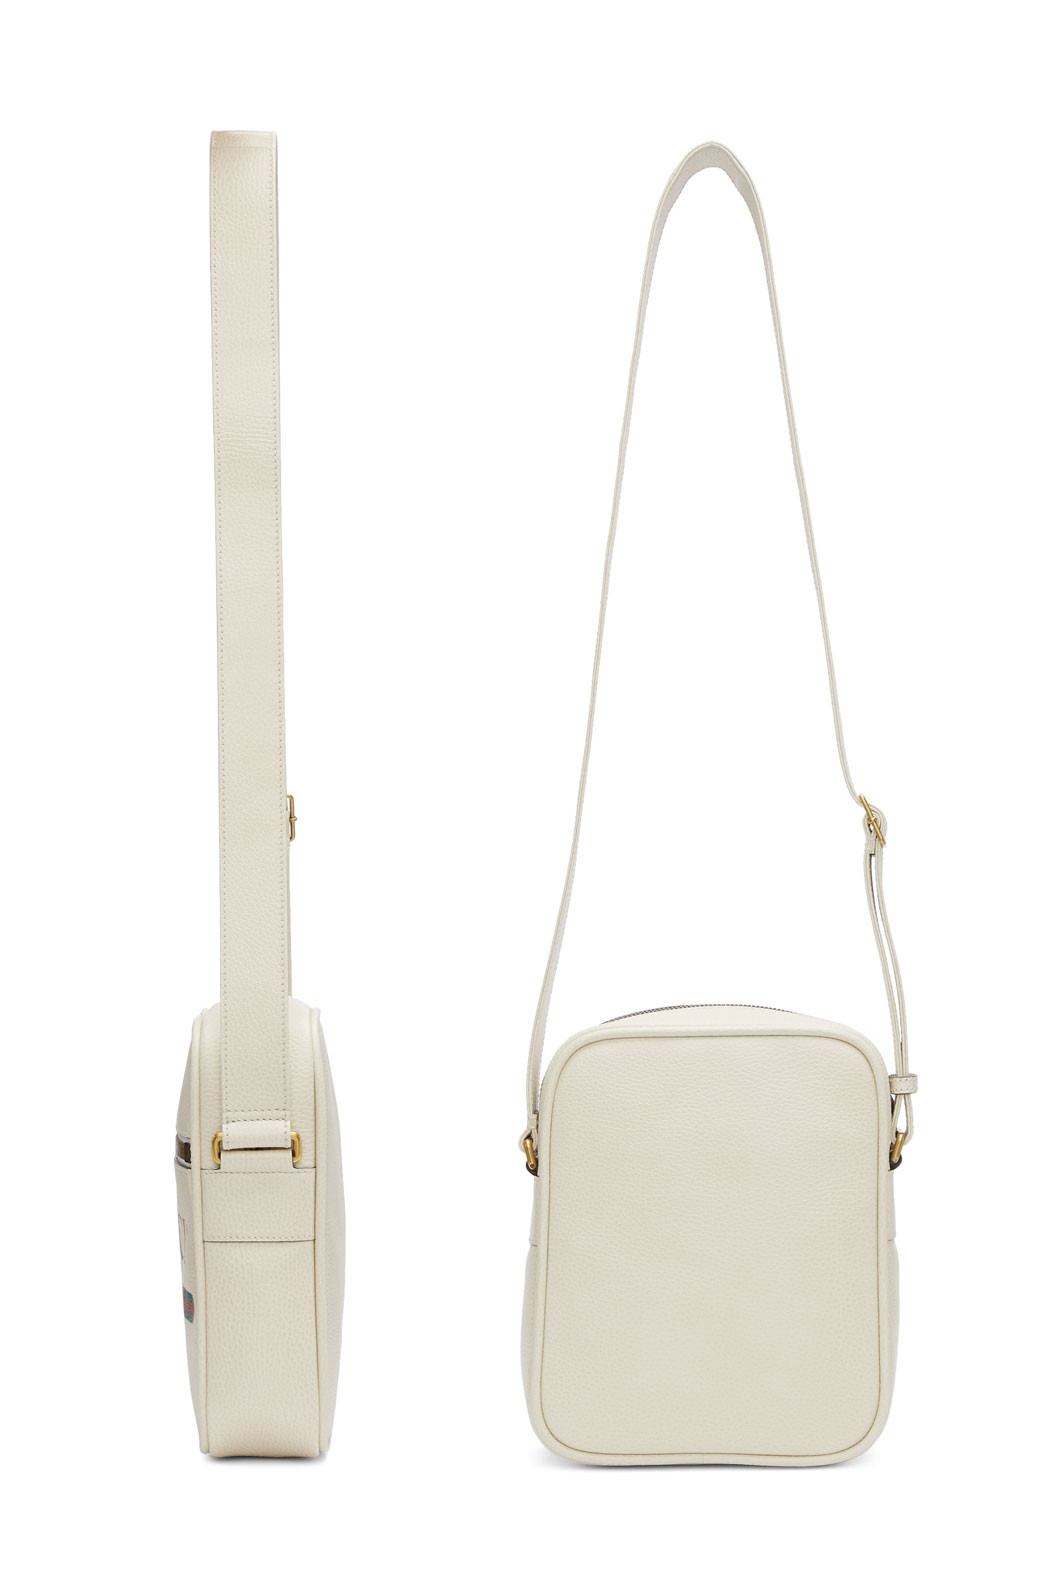 gucci-logo-ivory-messenger-bag-release-02